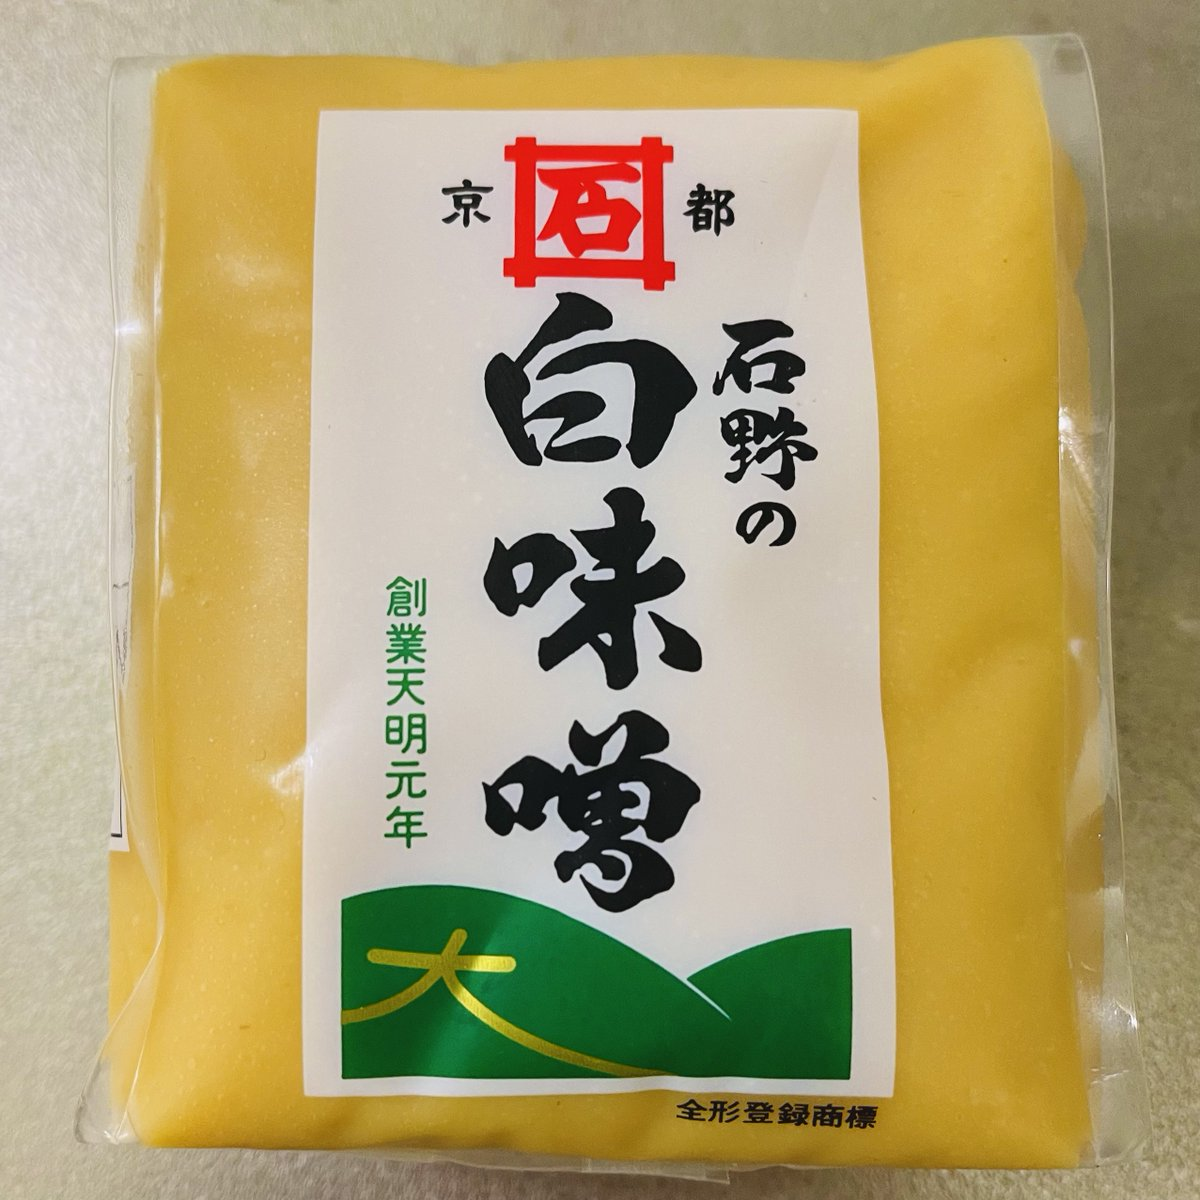 test ツイッターメディア - アサリぬたを作りまして「山形正宗」の白いラベルの燗酒を(北千住「大はし」の正宗の味と多分同じである)。ぬたの白味噌を京都「石野の白味噌」に変えたら、味がまろやかかつ深くなって、一段と酒が進む肴になった。 https://t.co/Jy5zDes4Me